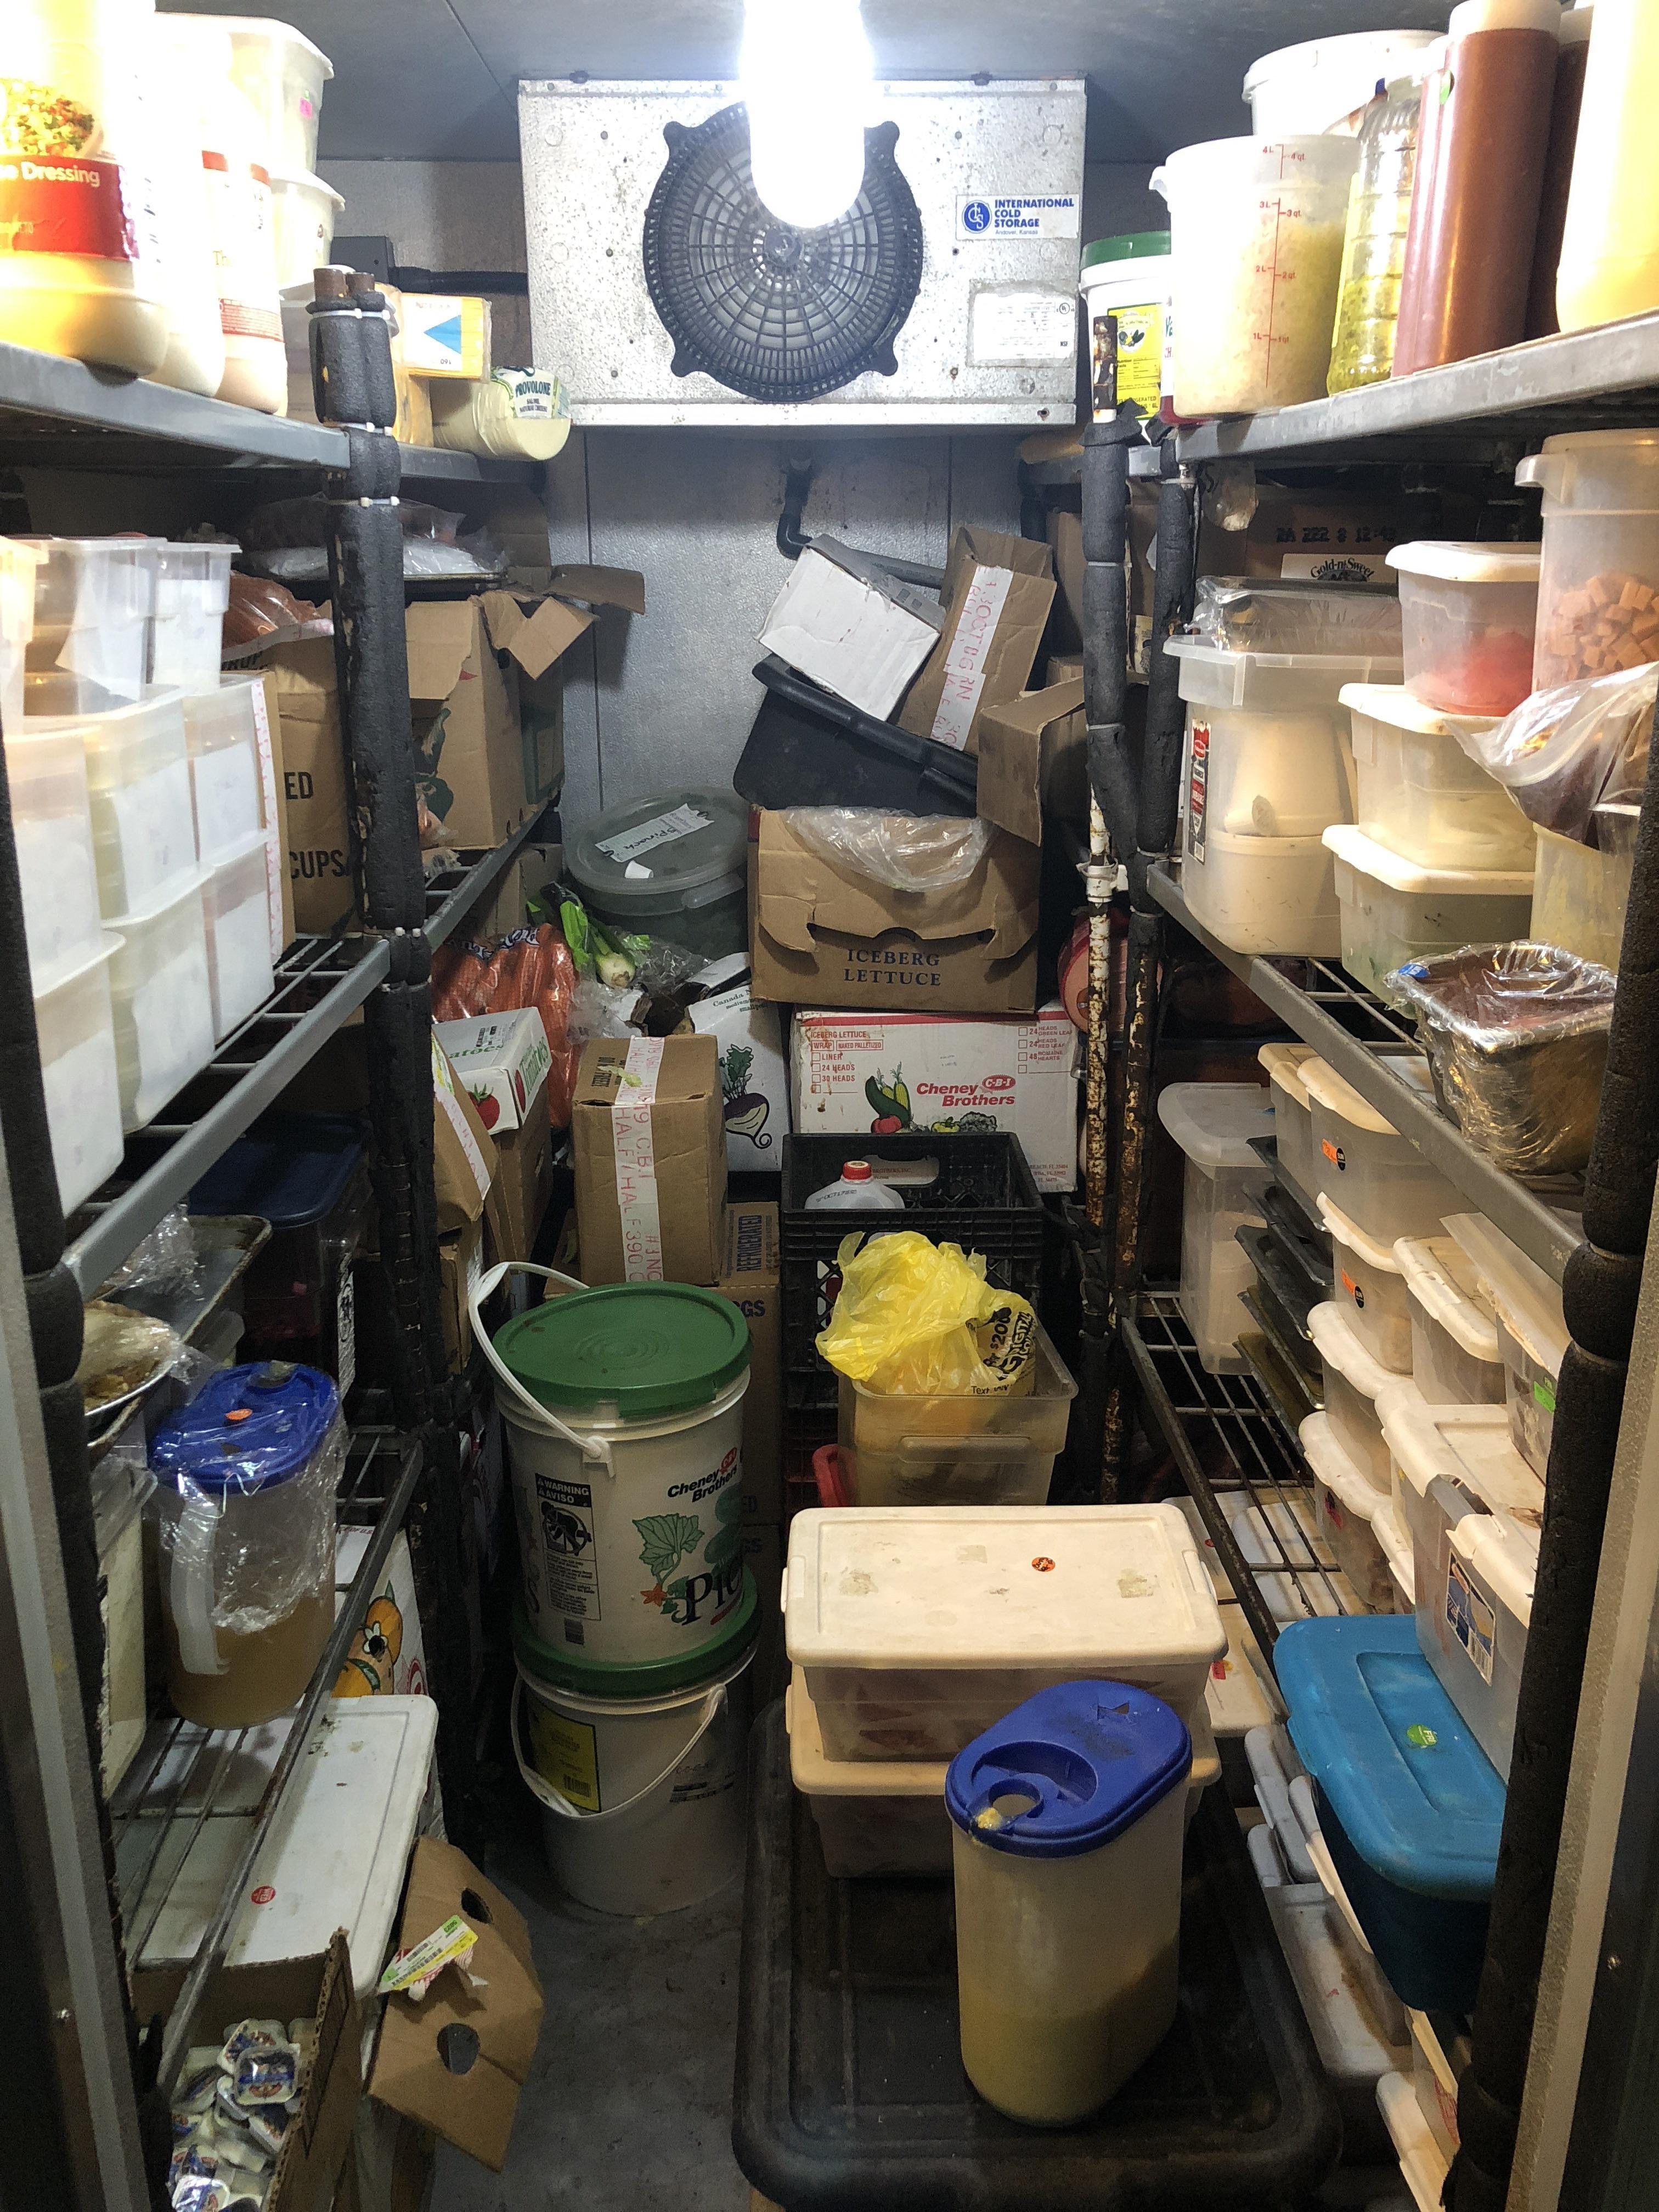 Лига детективов: пользователи сети угадывают владельцев холодильников по фоткам их содержимого 1